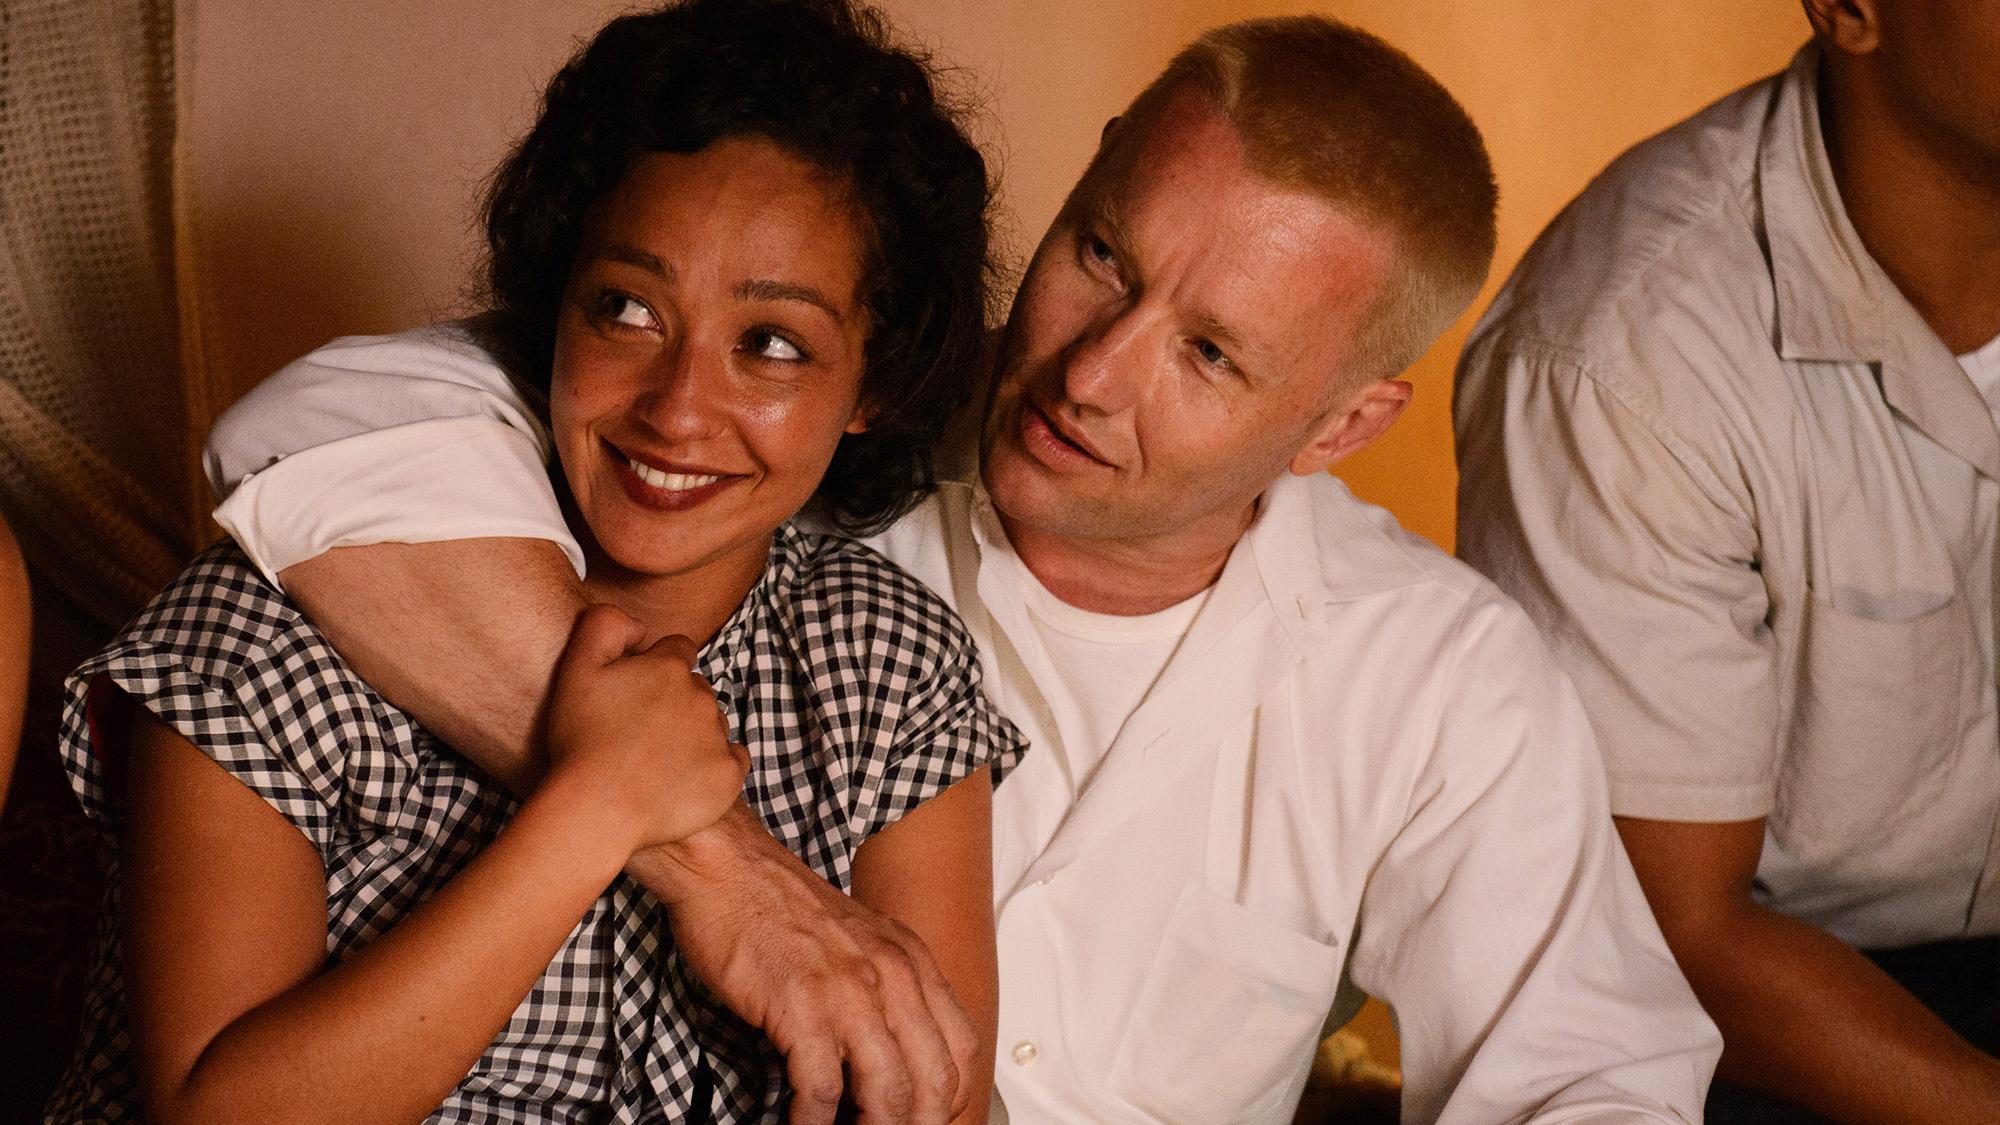 Ruth Negga and Joel Edgerton in Loving.